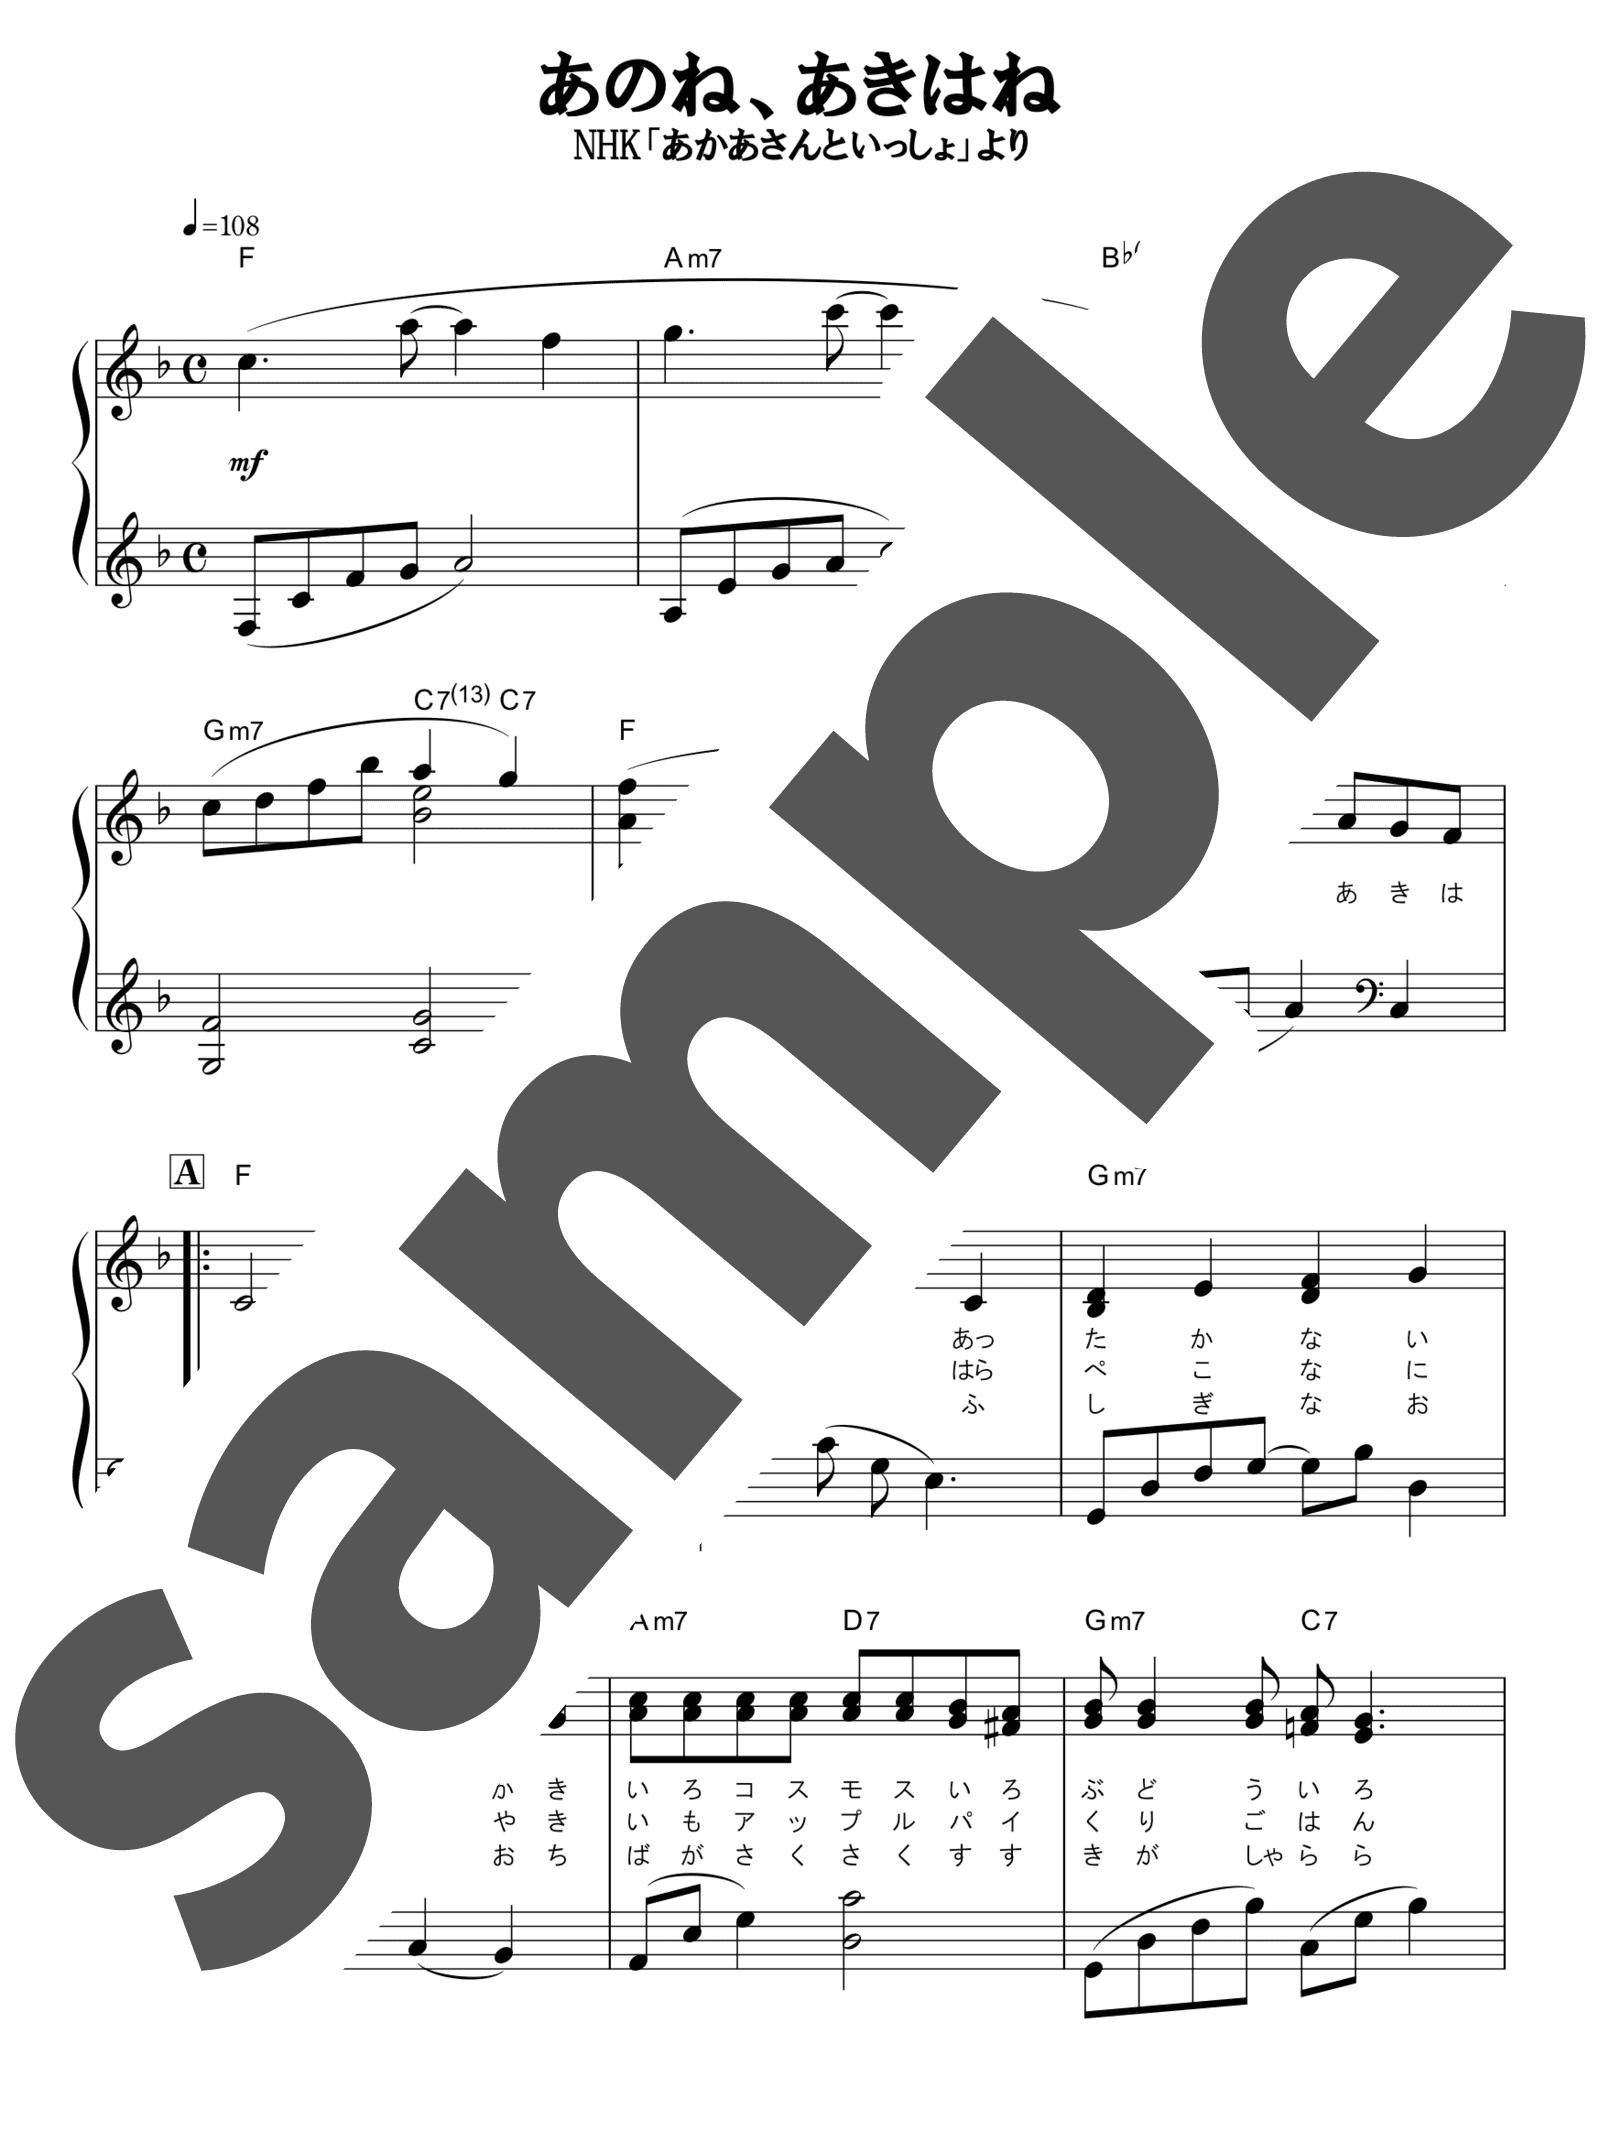 「あのね、あきはね」のサンプル楽譜